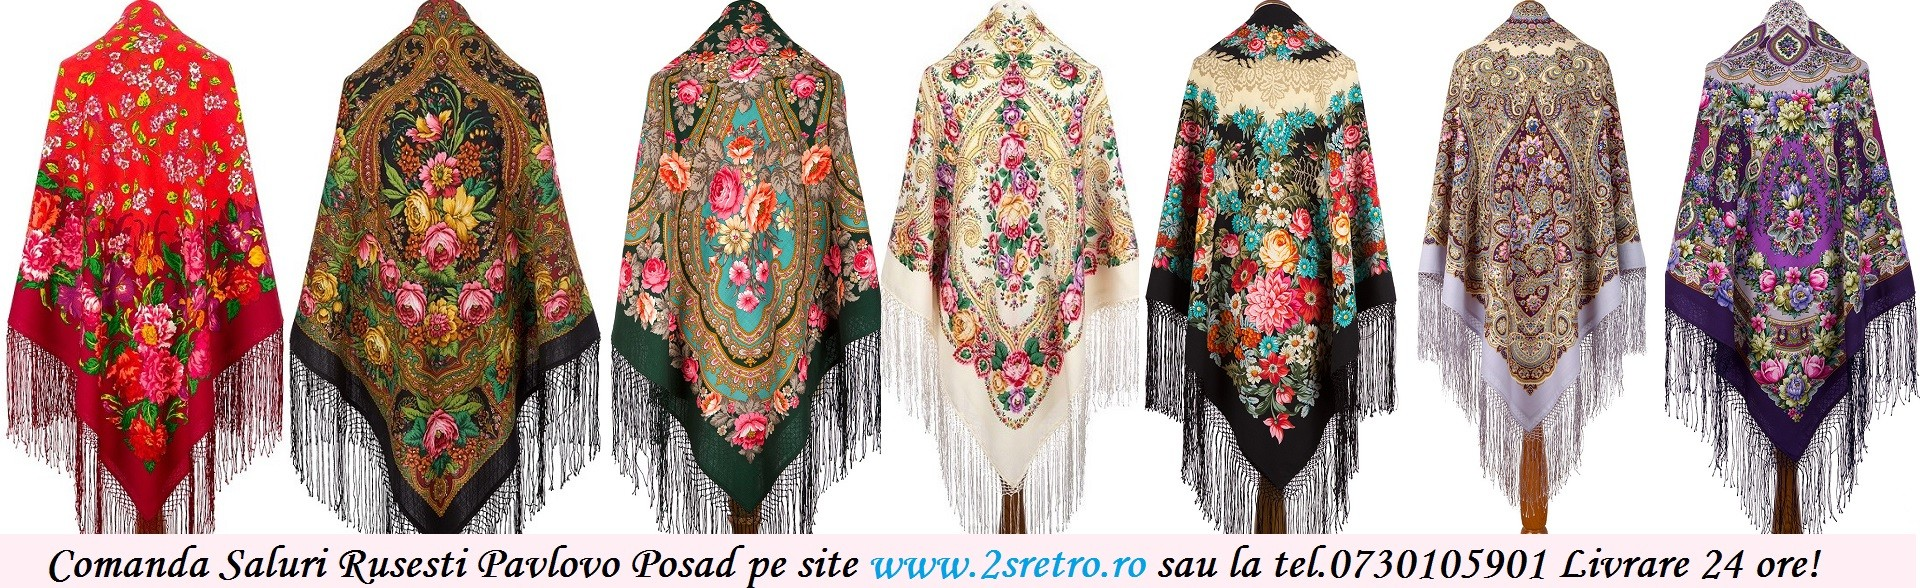 Cea mai Mare Oferta de Baticuri Originale Pavlovo Posad Shawl Russia